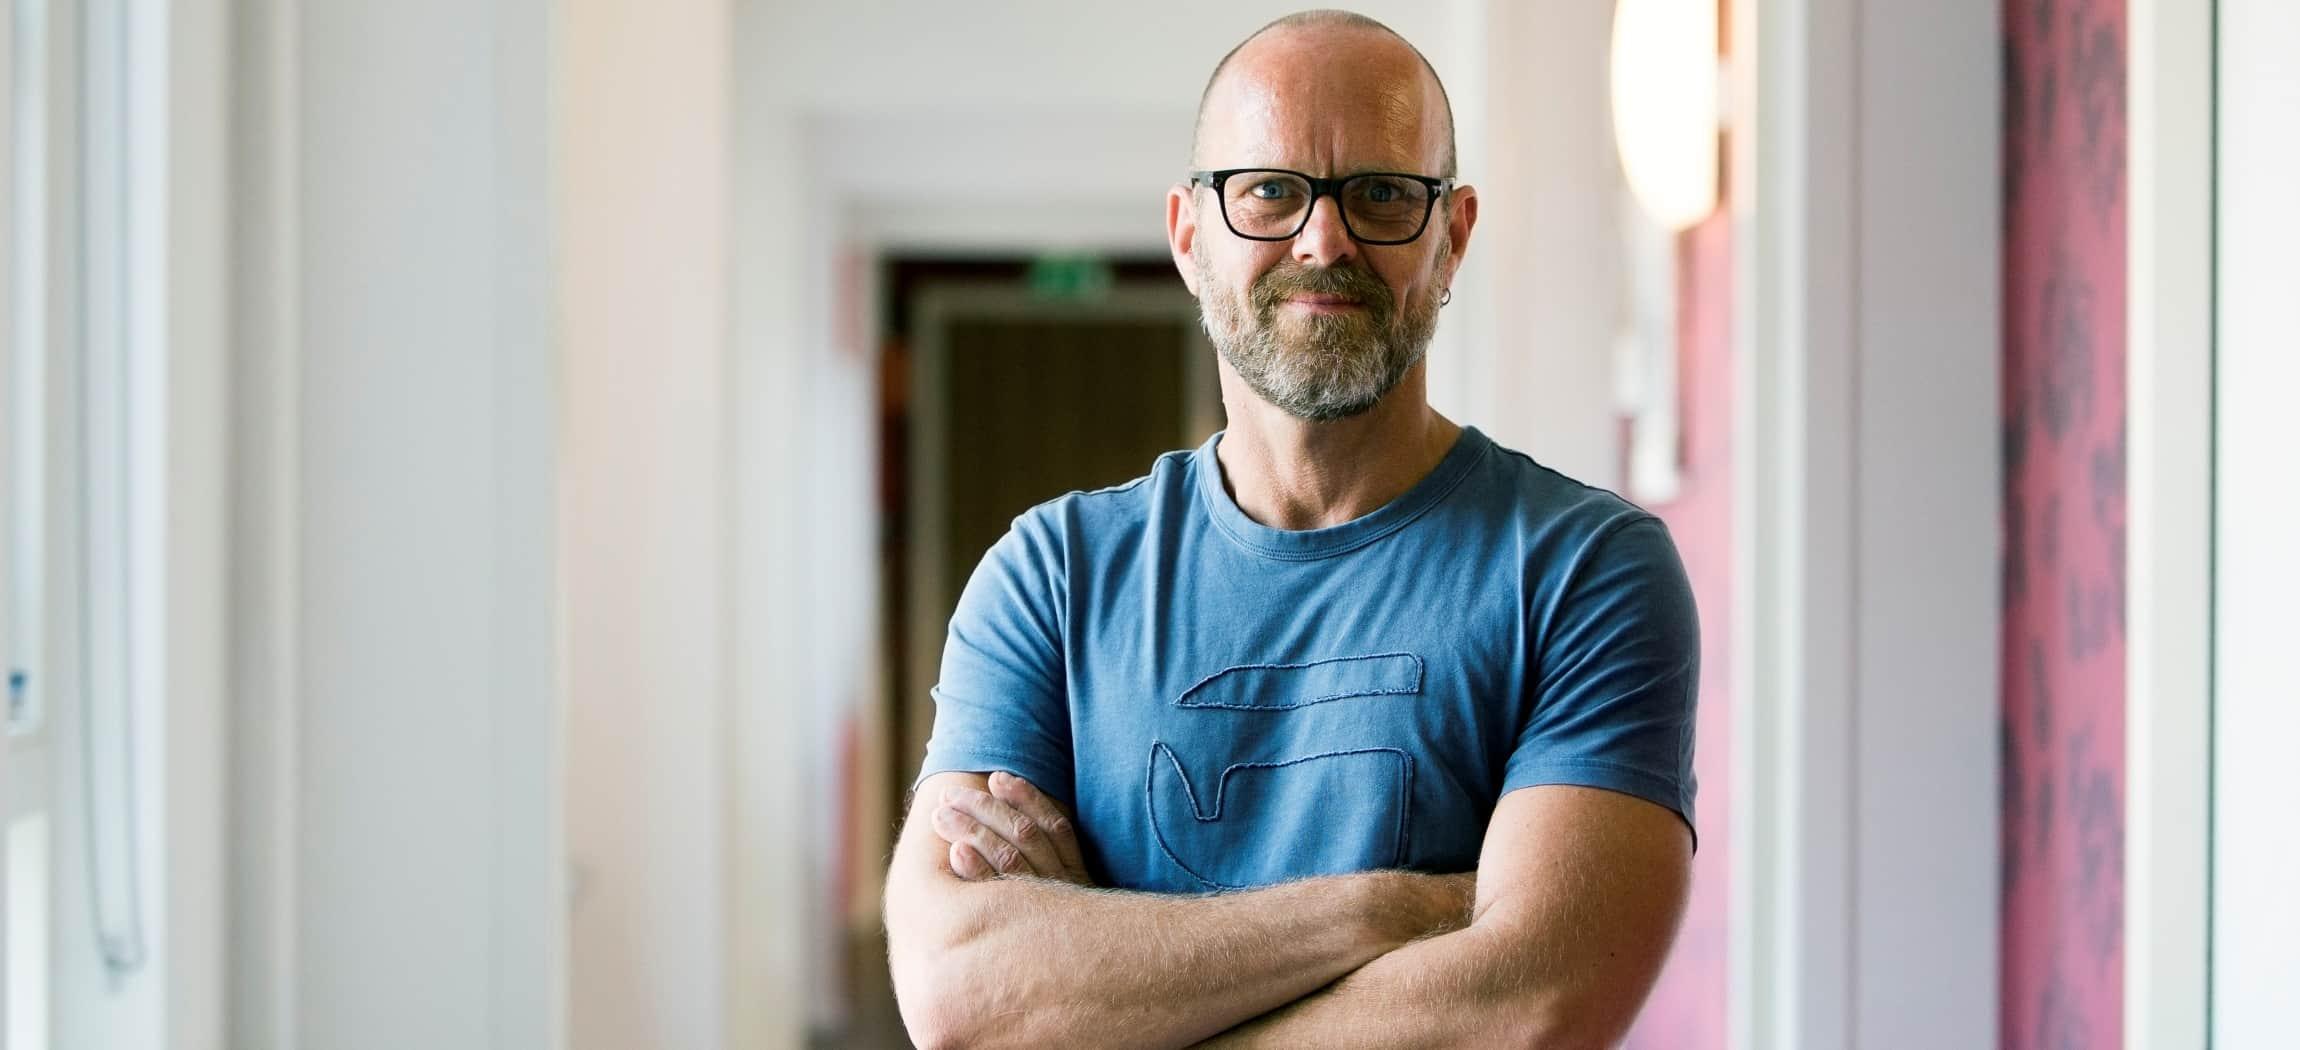 Man in blauw t-shirt met bril staat in een gang met roze behang